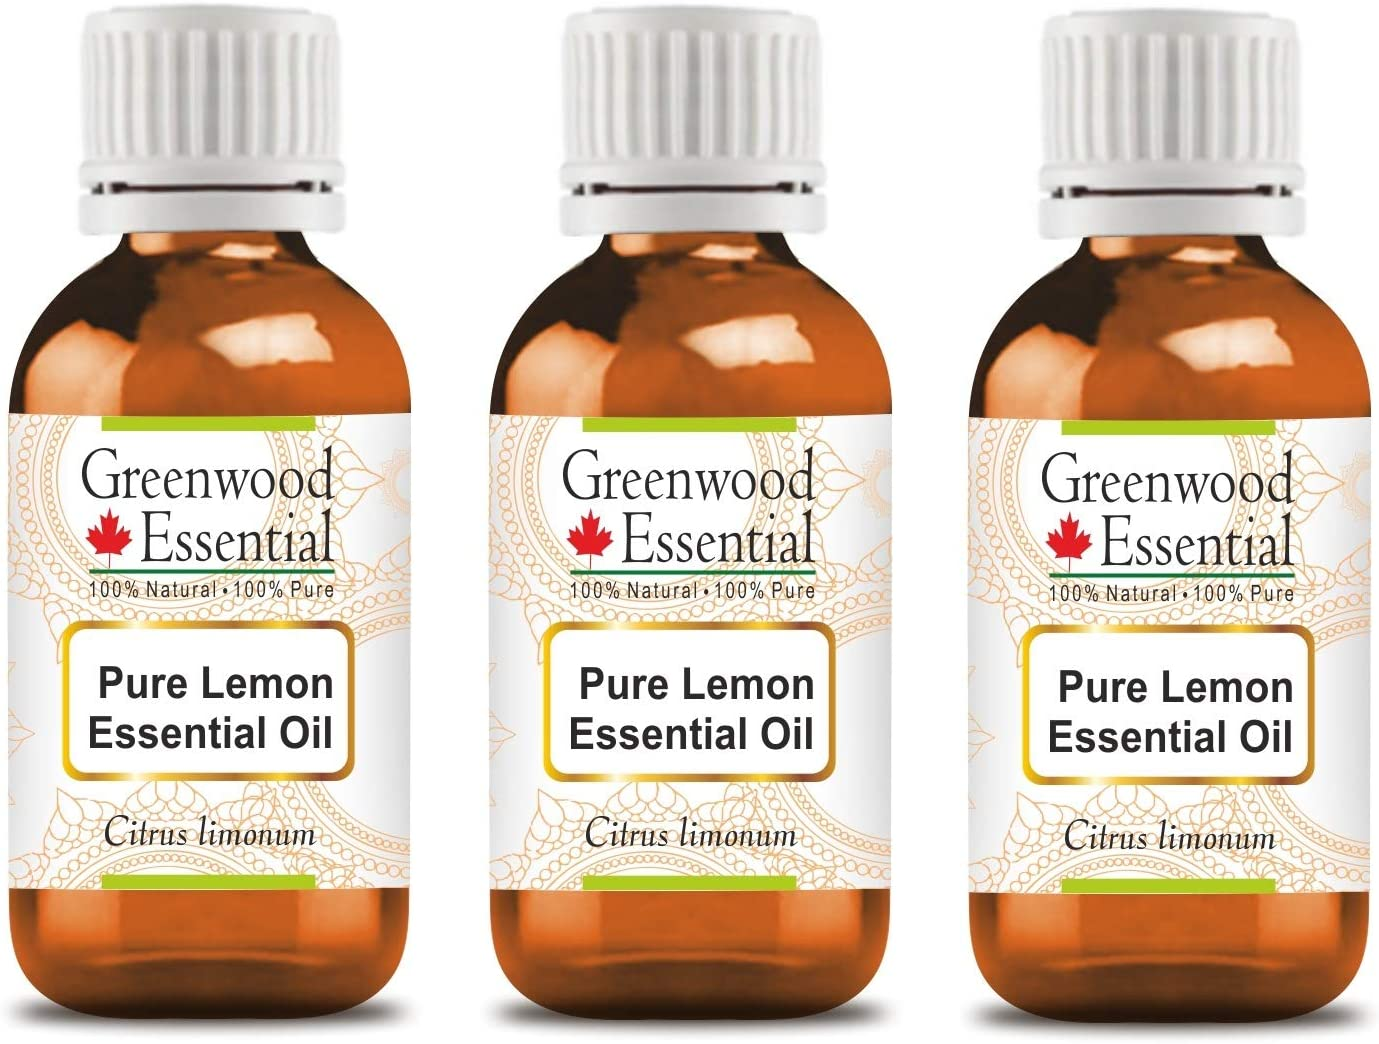 Greenwood Essential Pure Lemon Essential Oil (Citrus limonum) 10